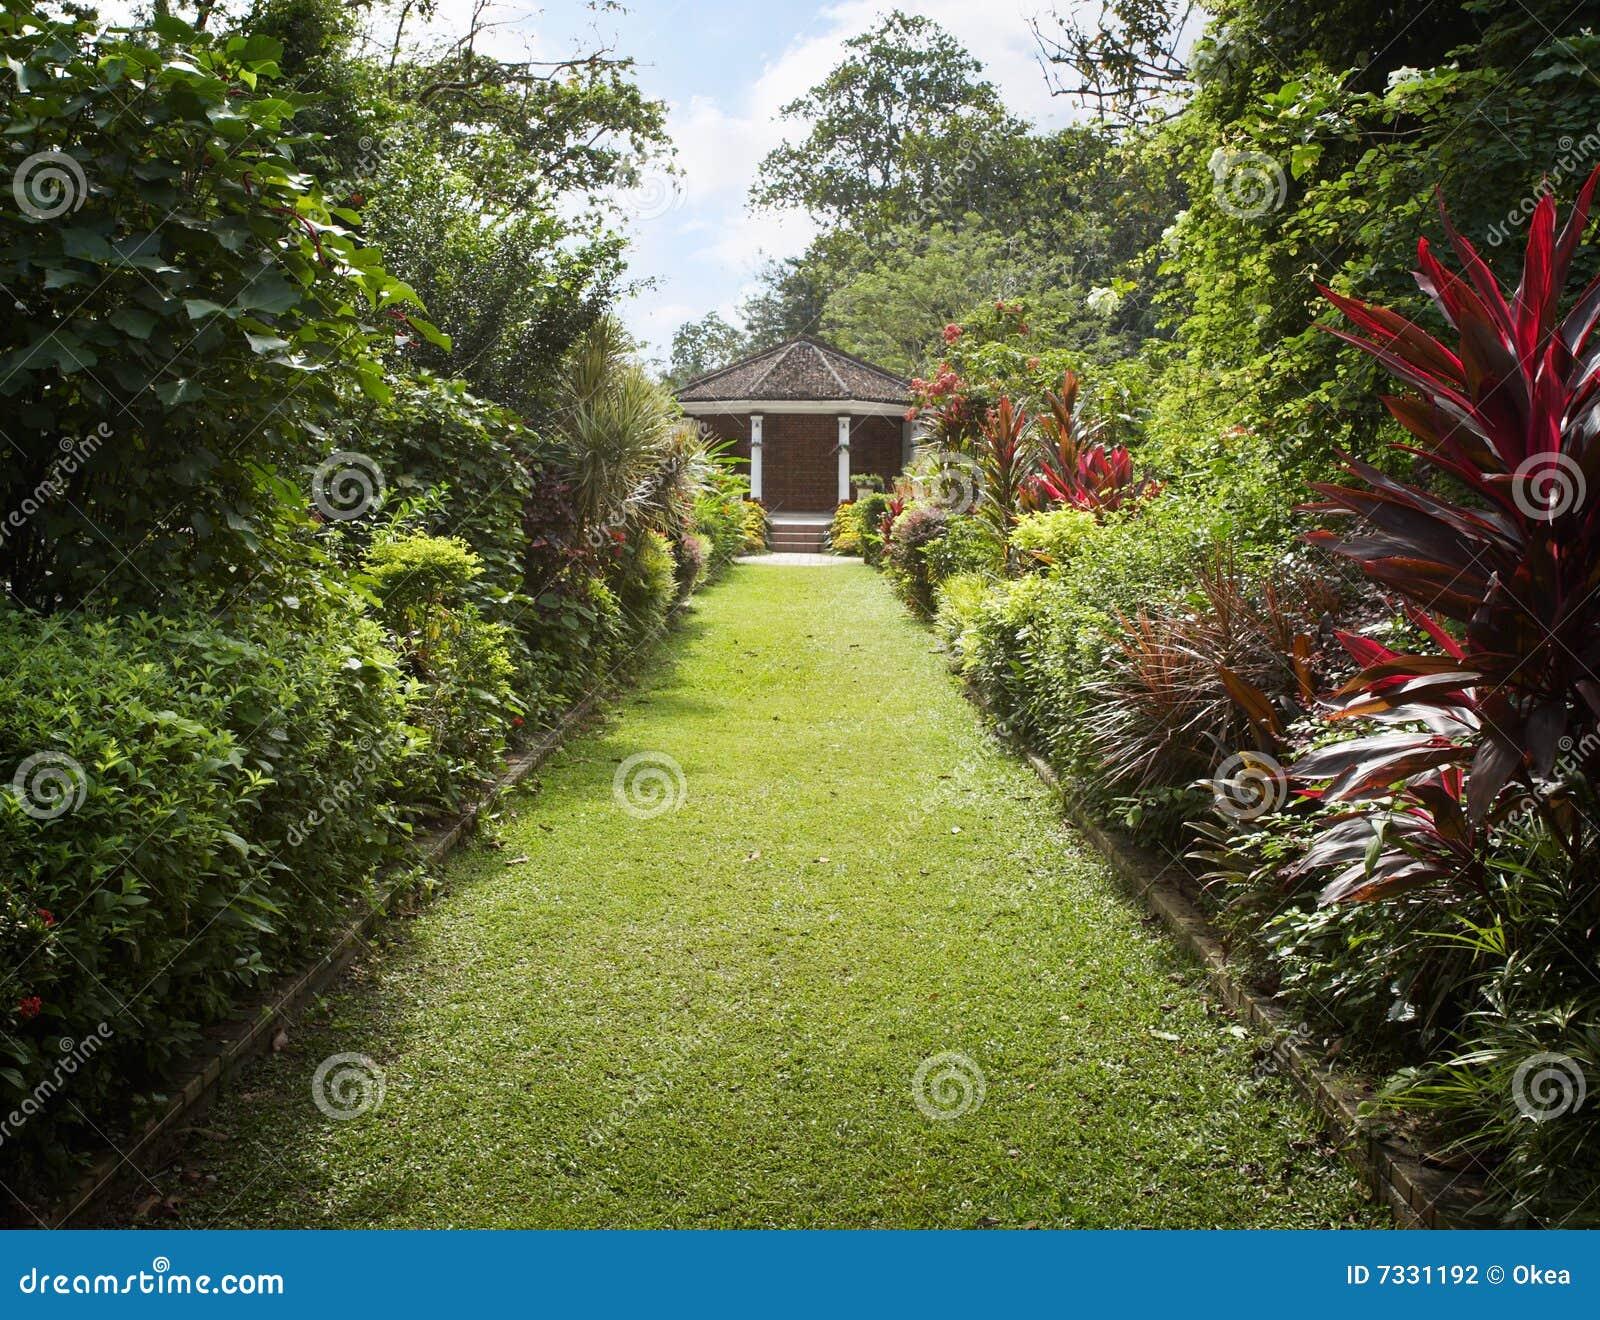 Backyard Garden Stock Photo. Image Of Path, Garden, Nature